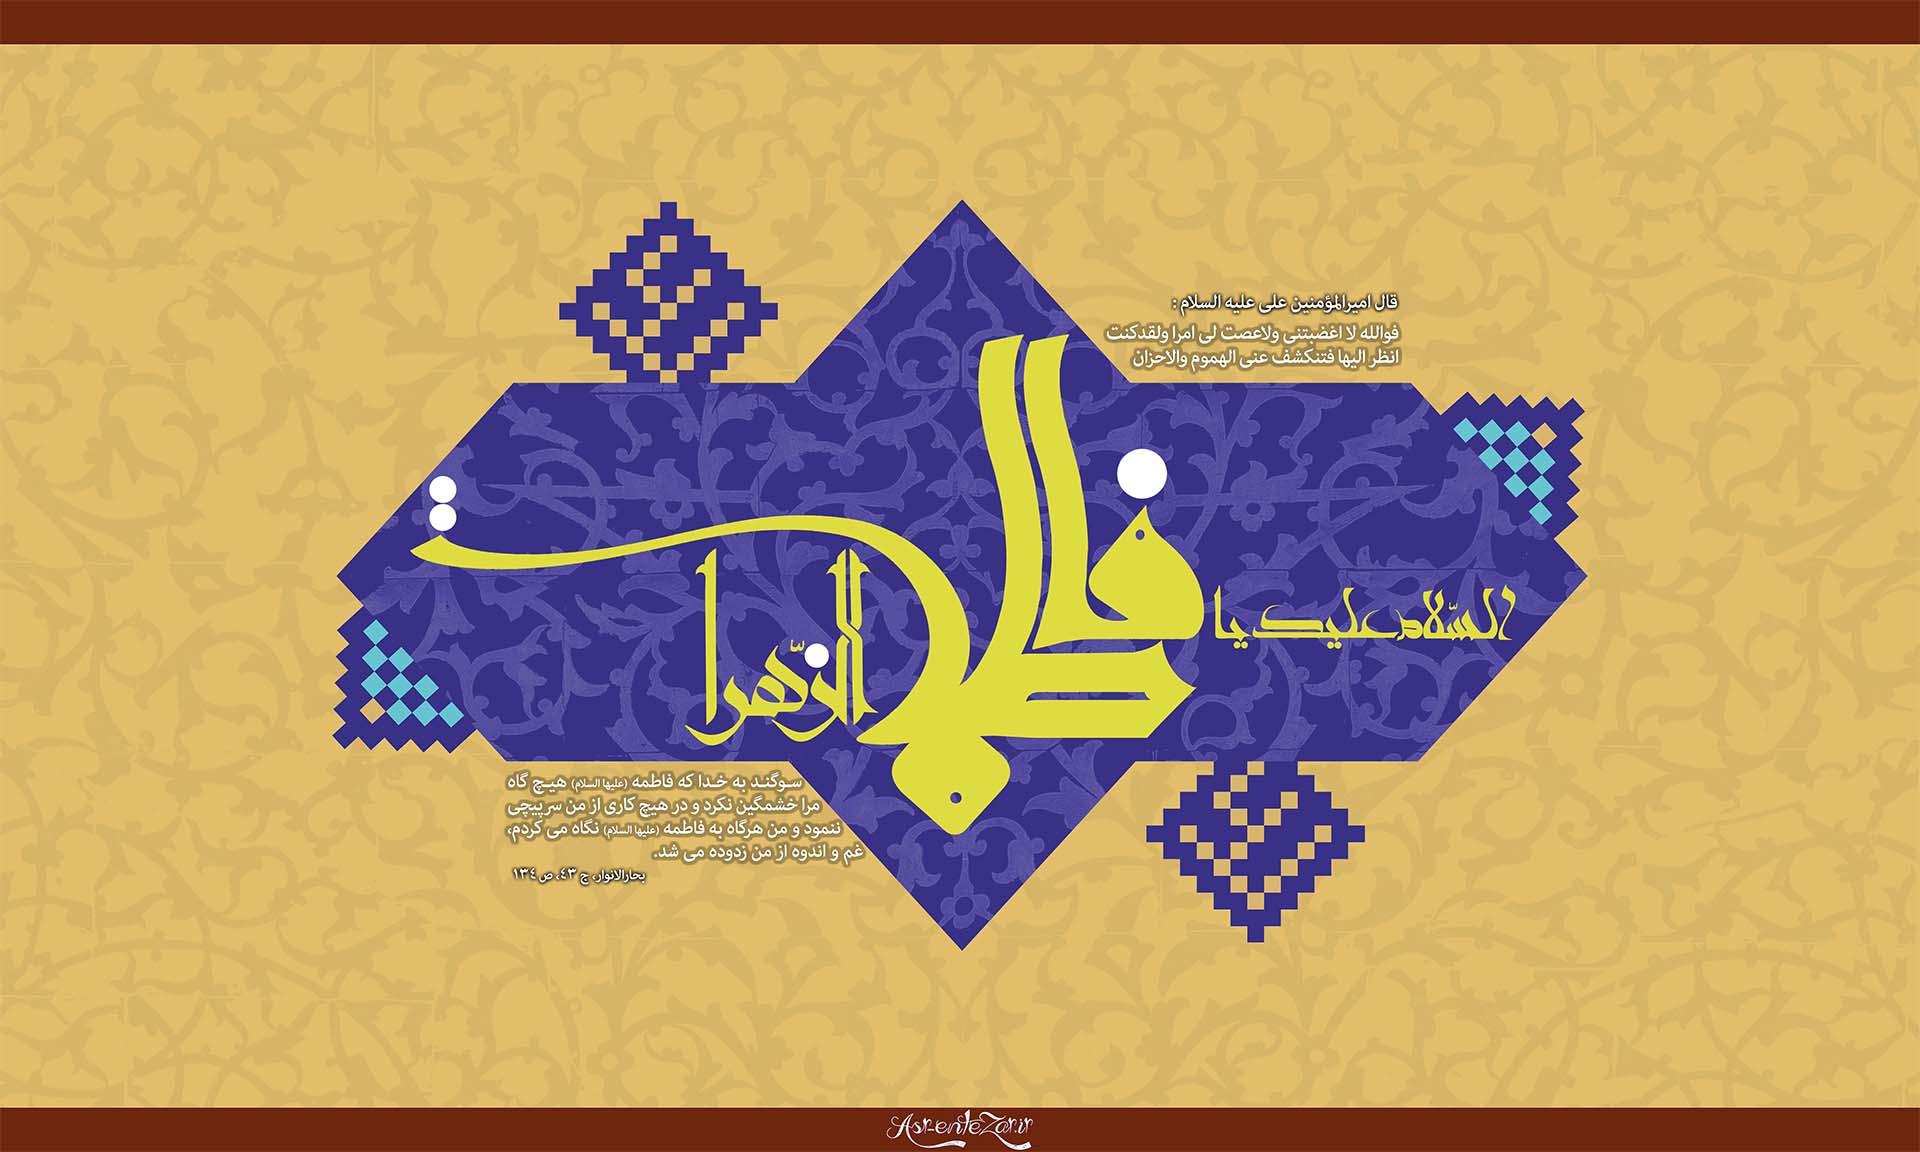 فضائل حضرت فاطمه زهرا (سلام الله علیها)